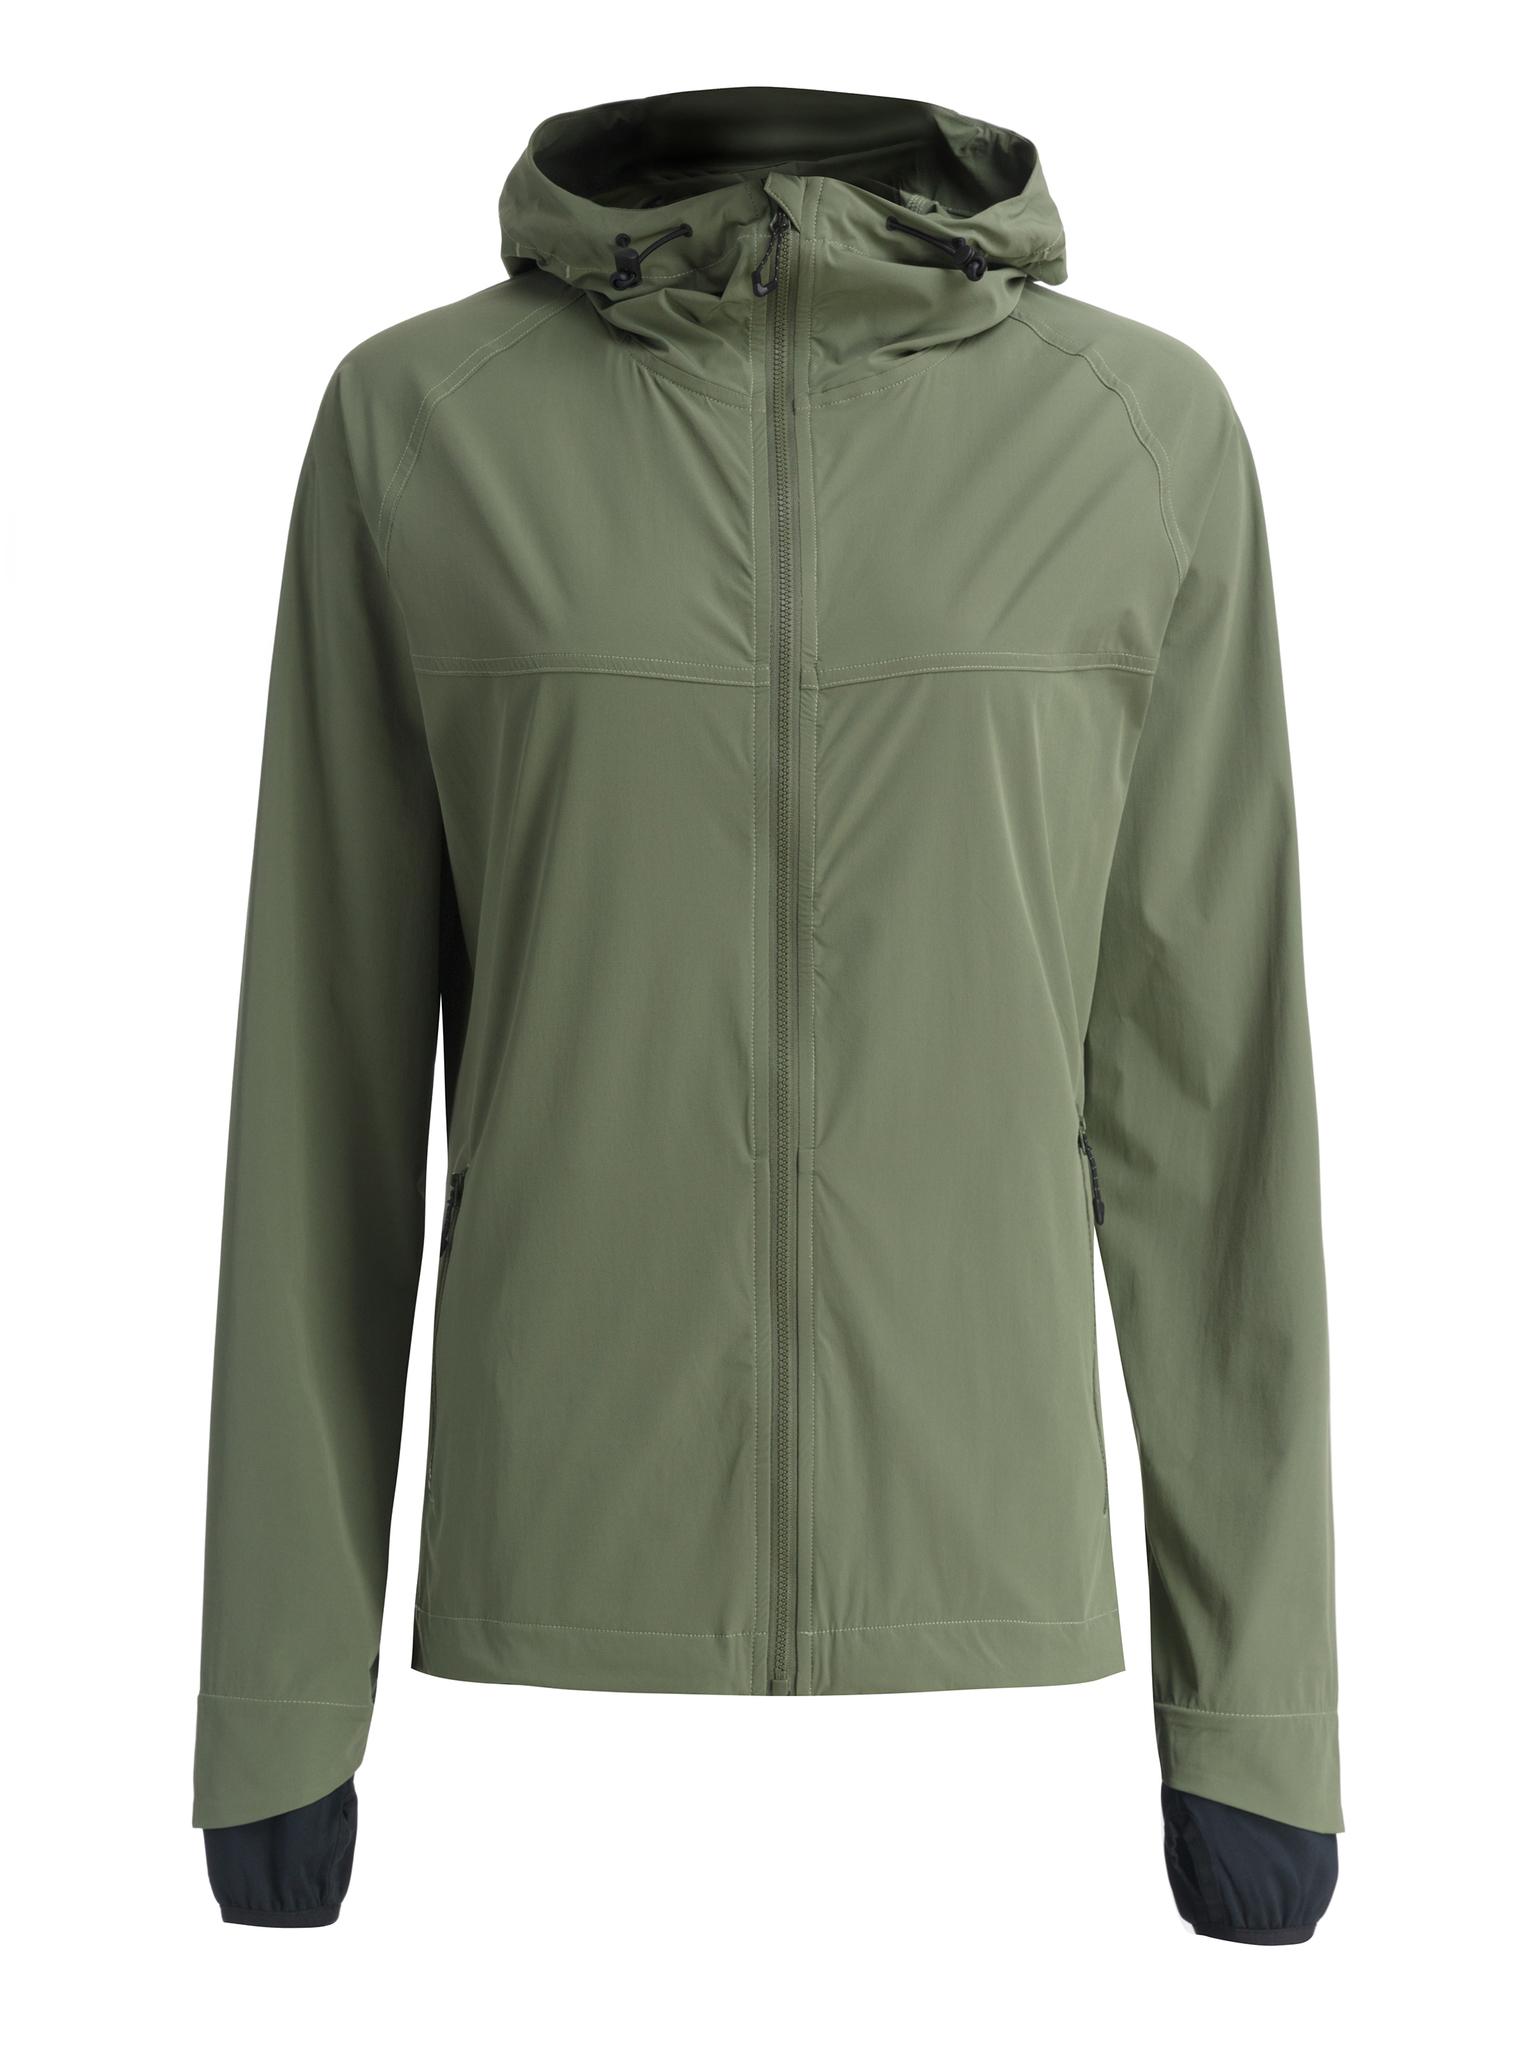 Куртка женская GRI Джеди 2.0, оливковая